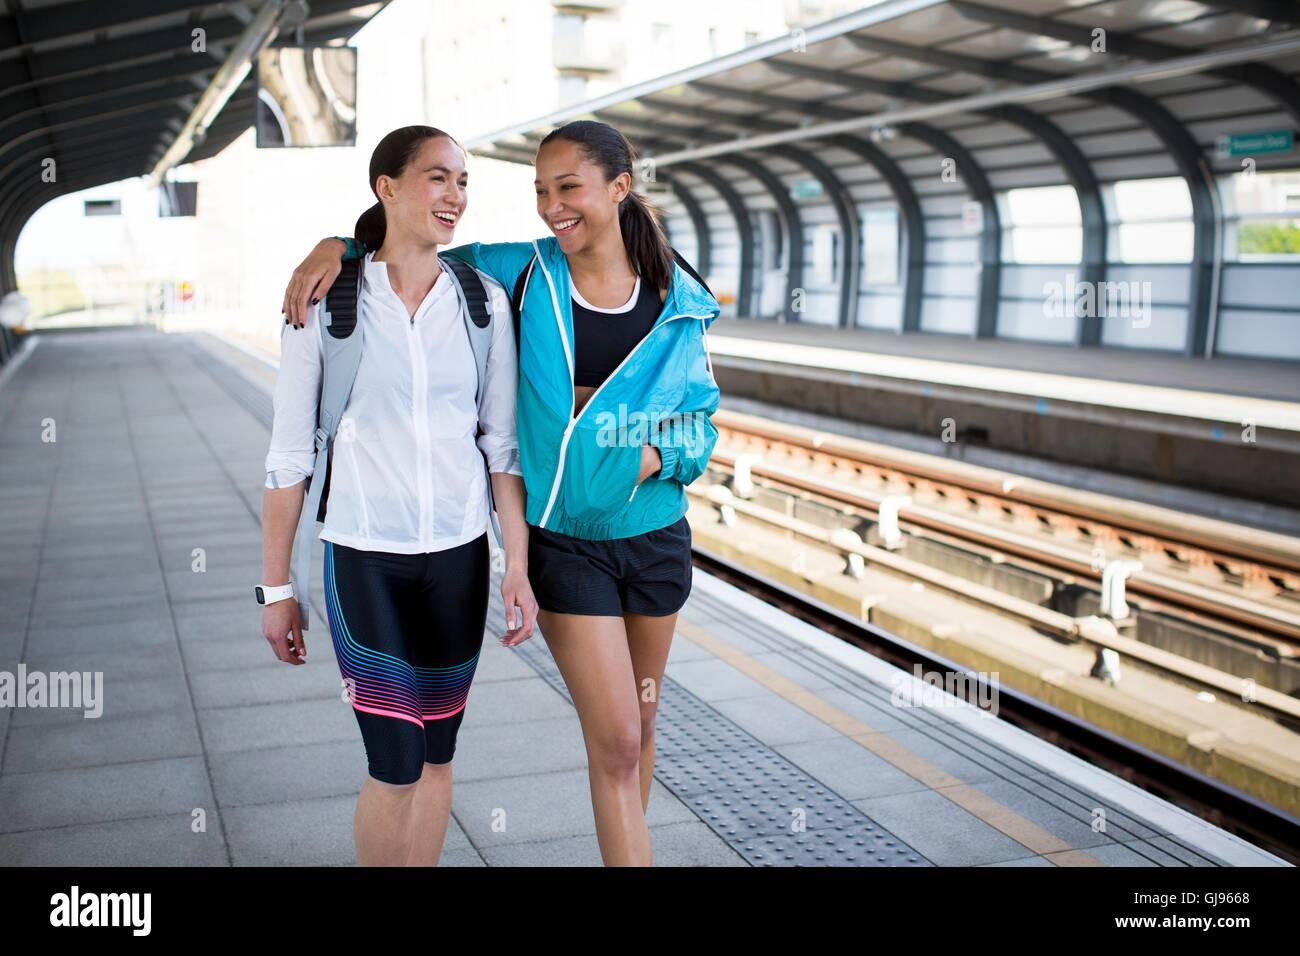 Parution du modèle. Deux jeunes femmes en tenue de sport sur un quai de gare. Photo Stock